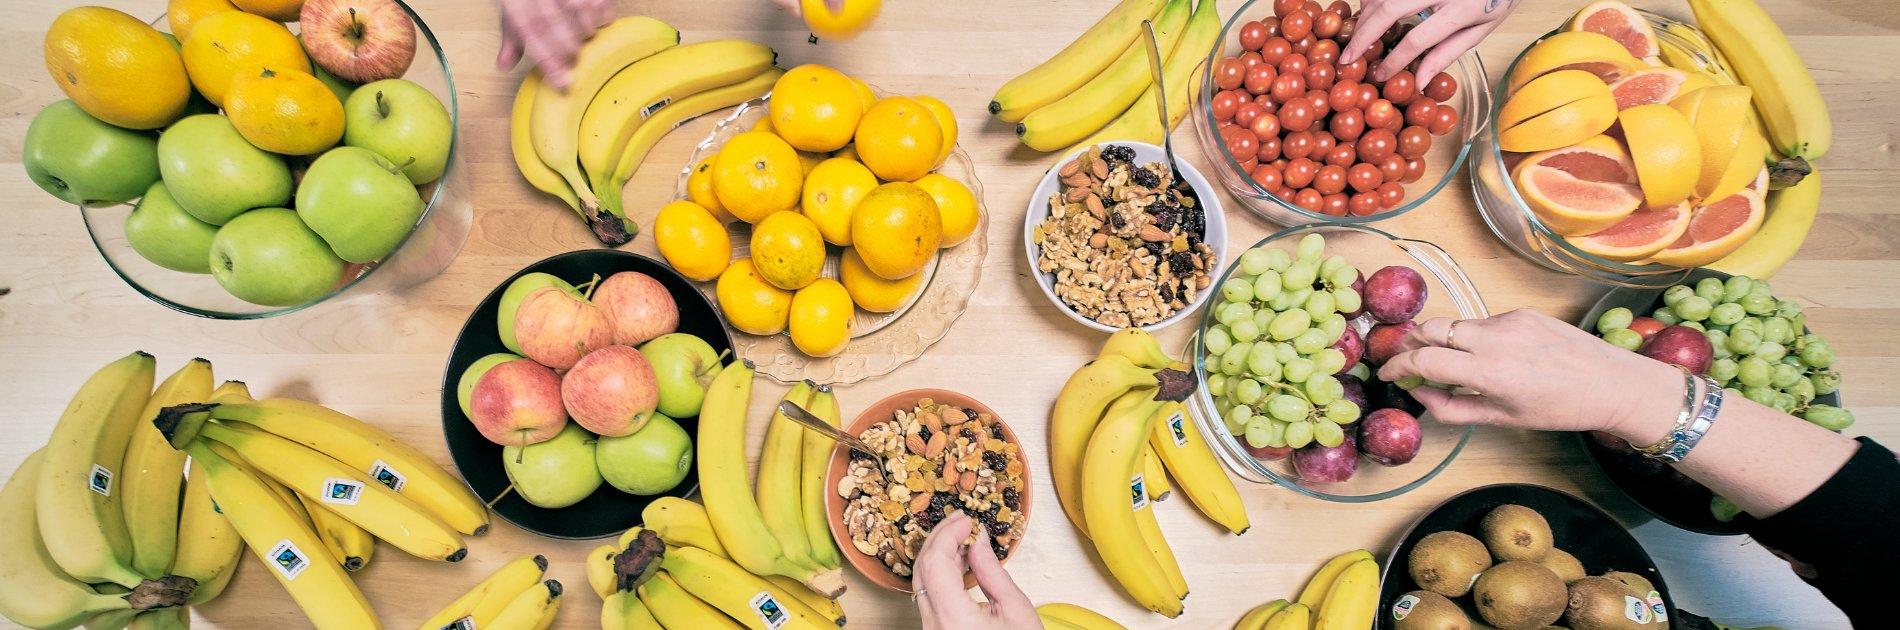 VSP tarjoaa työntekijöilleen perjantaihedelmät.